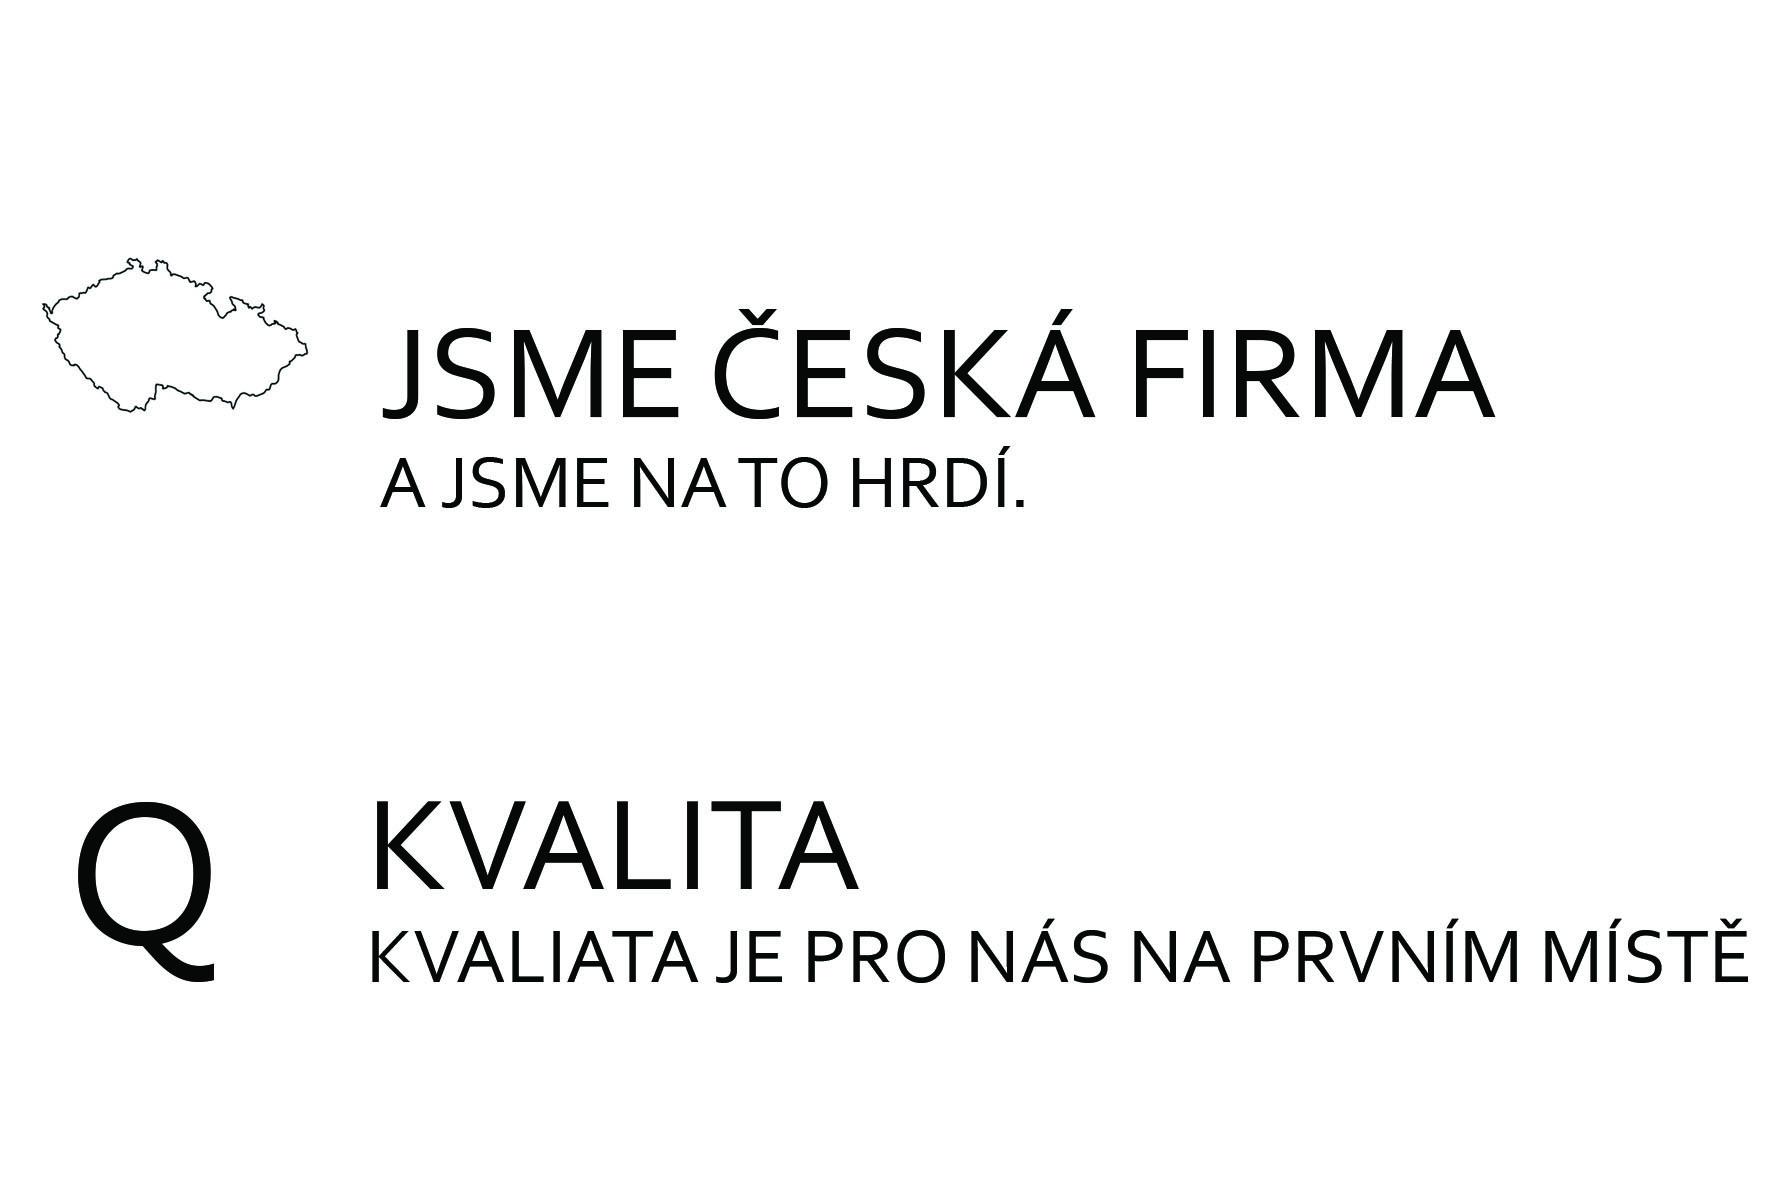 česka firma